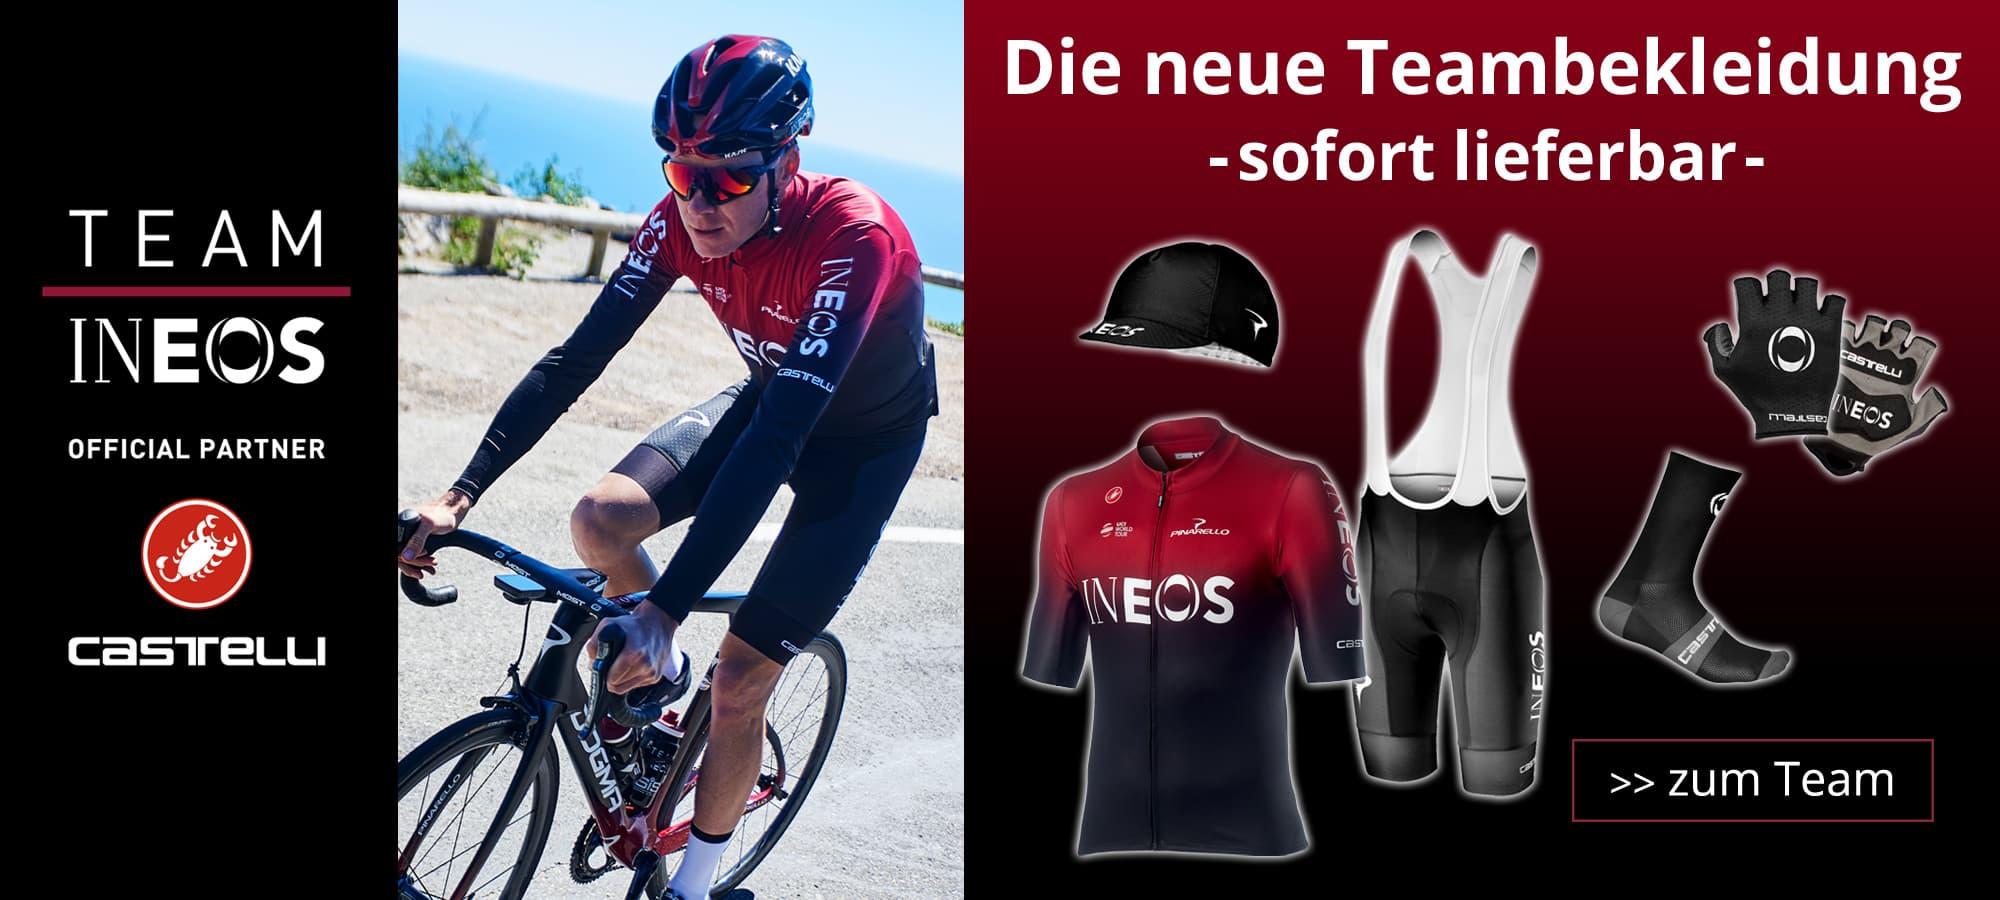 Team Ineos - die Teambekleidung 2019